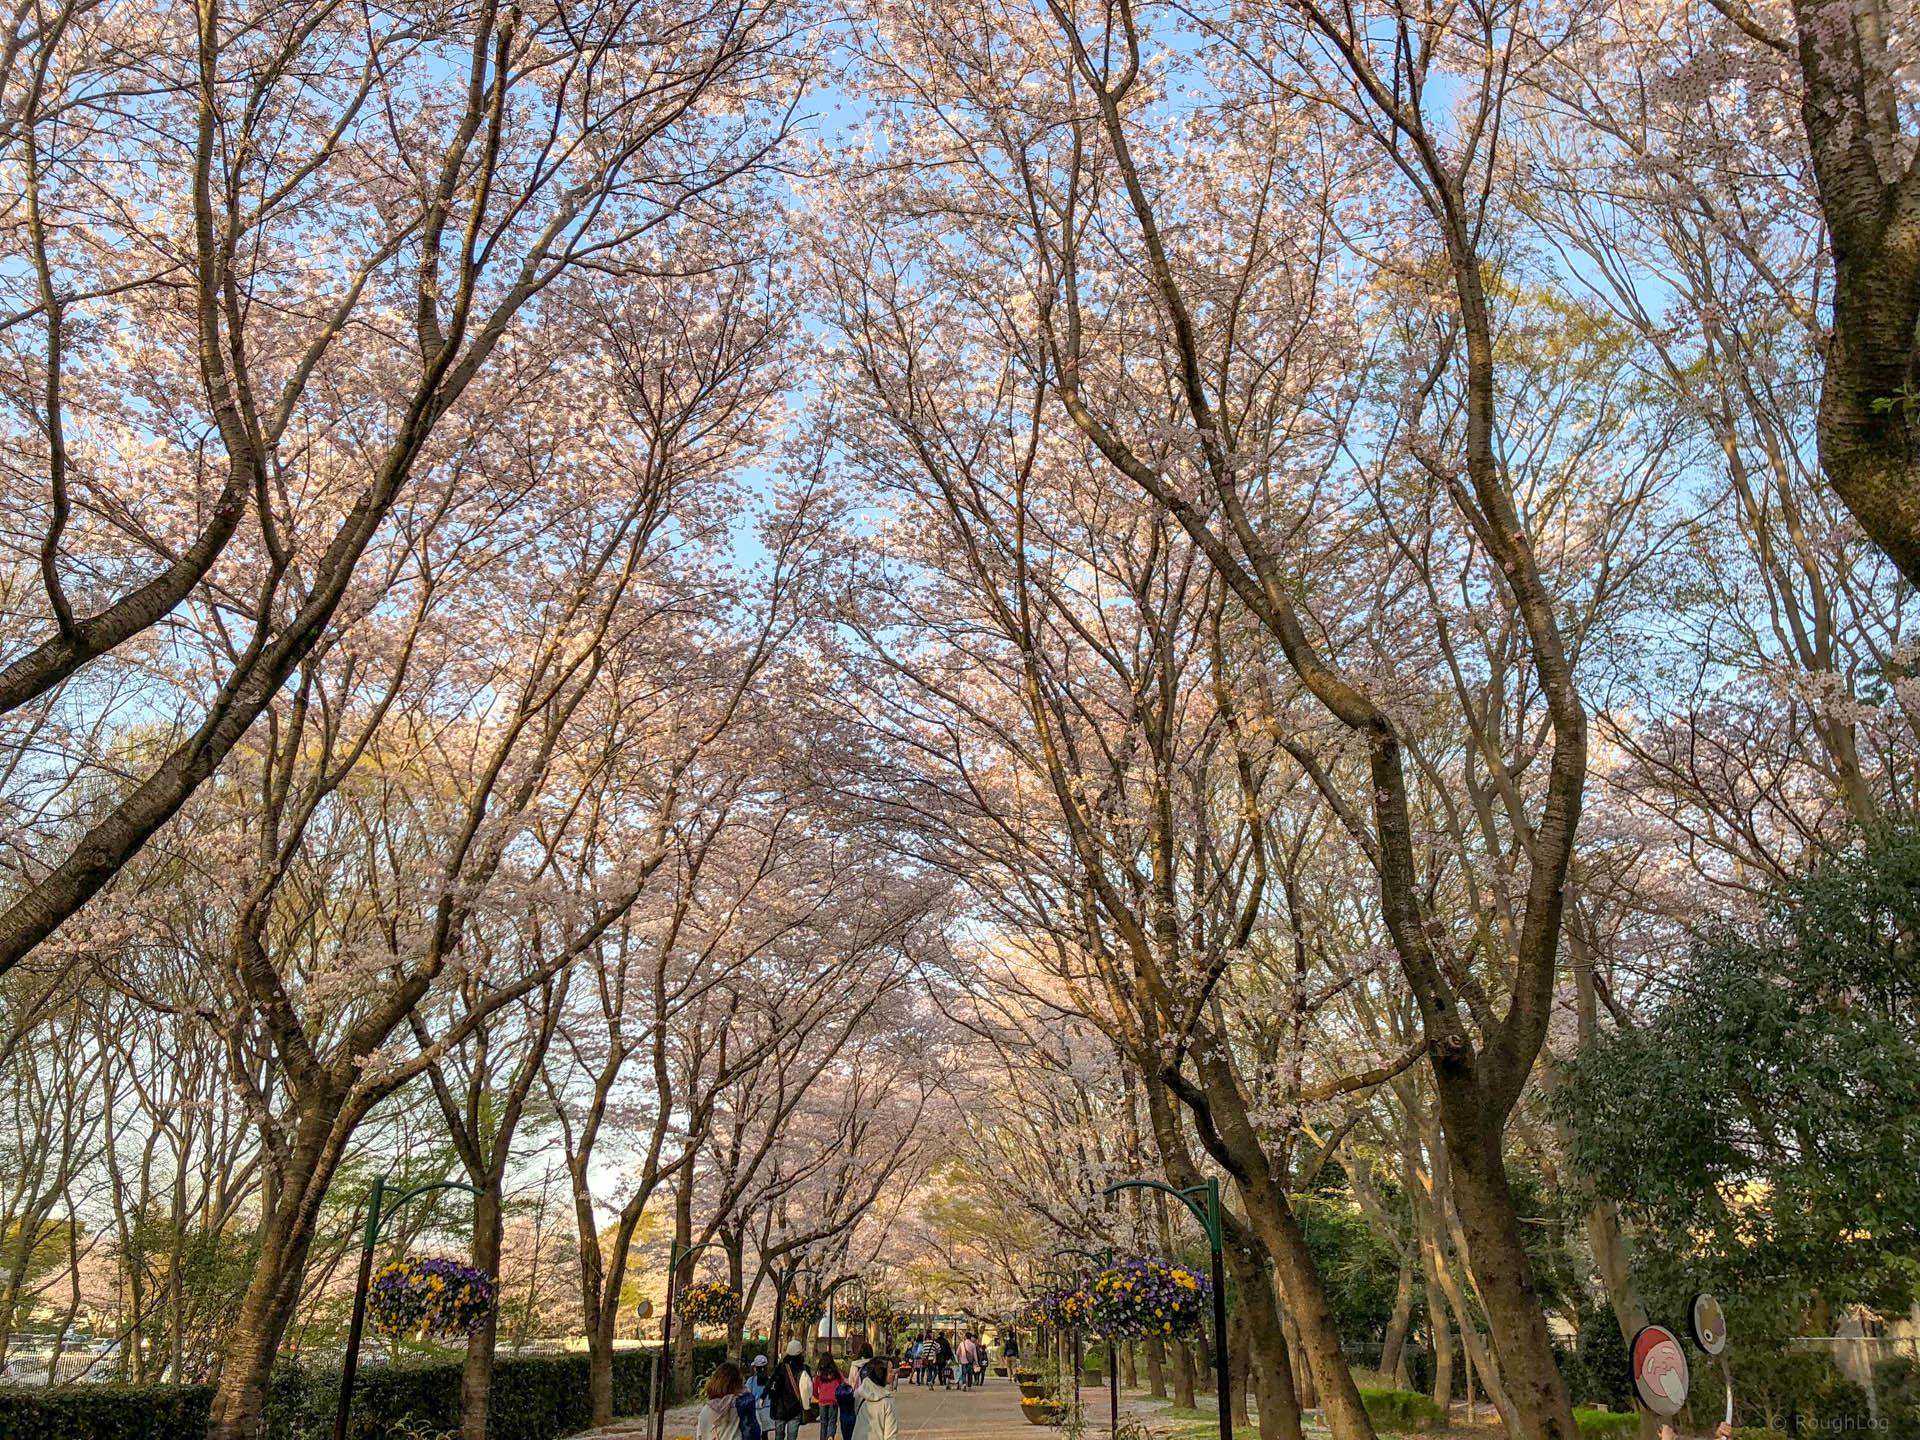 千葉県船橋市の「ふなばしアンデルセン公園」の桜並木道